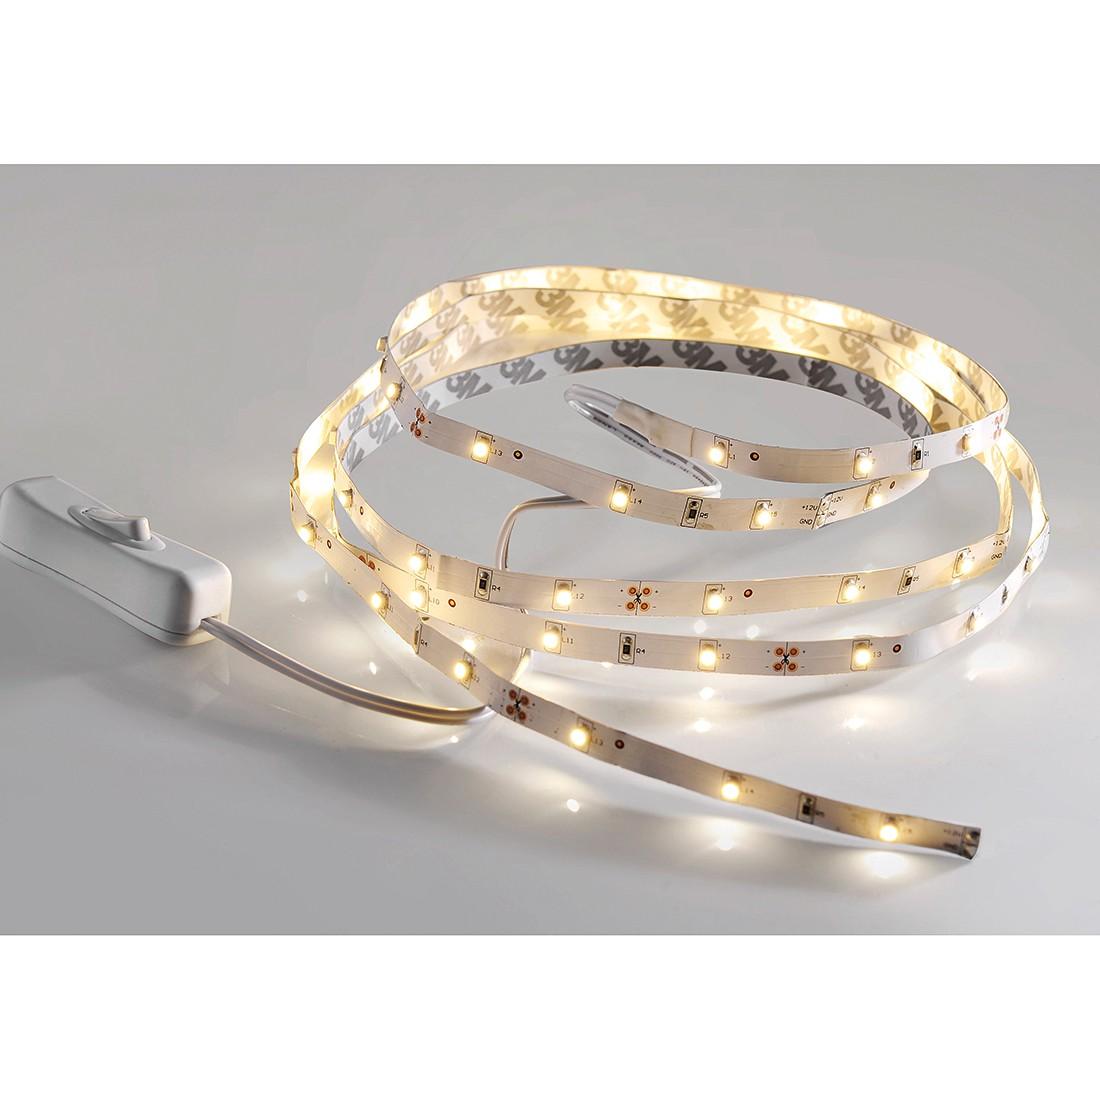 Klemm-/Möbelleuchten Tramp by Leuchten Direkt ● Kunststoff ● Weiß ● 1-flammig- Leuchten Direkt A+